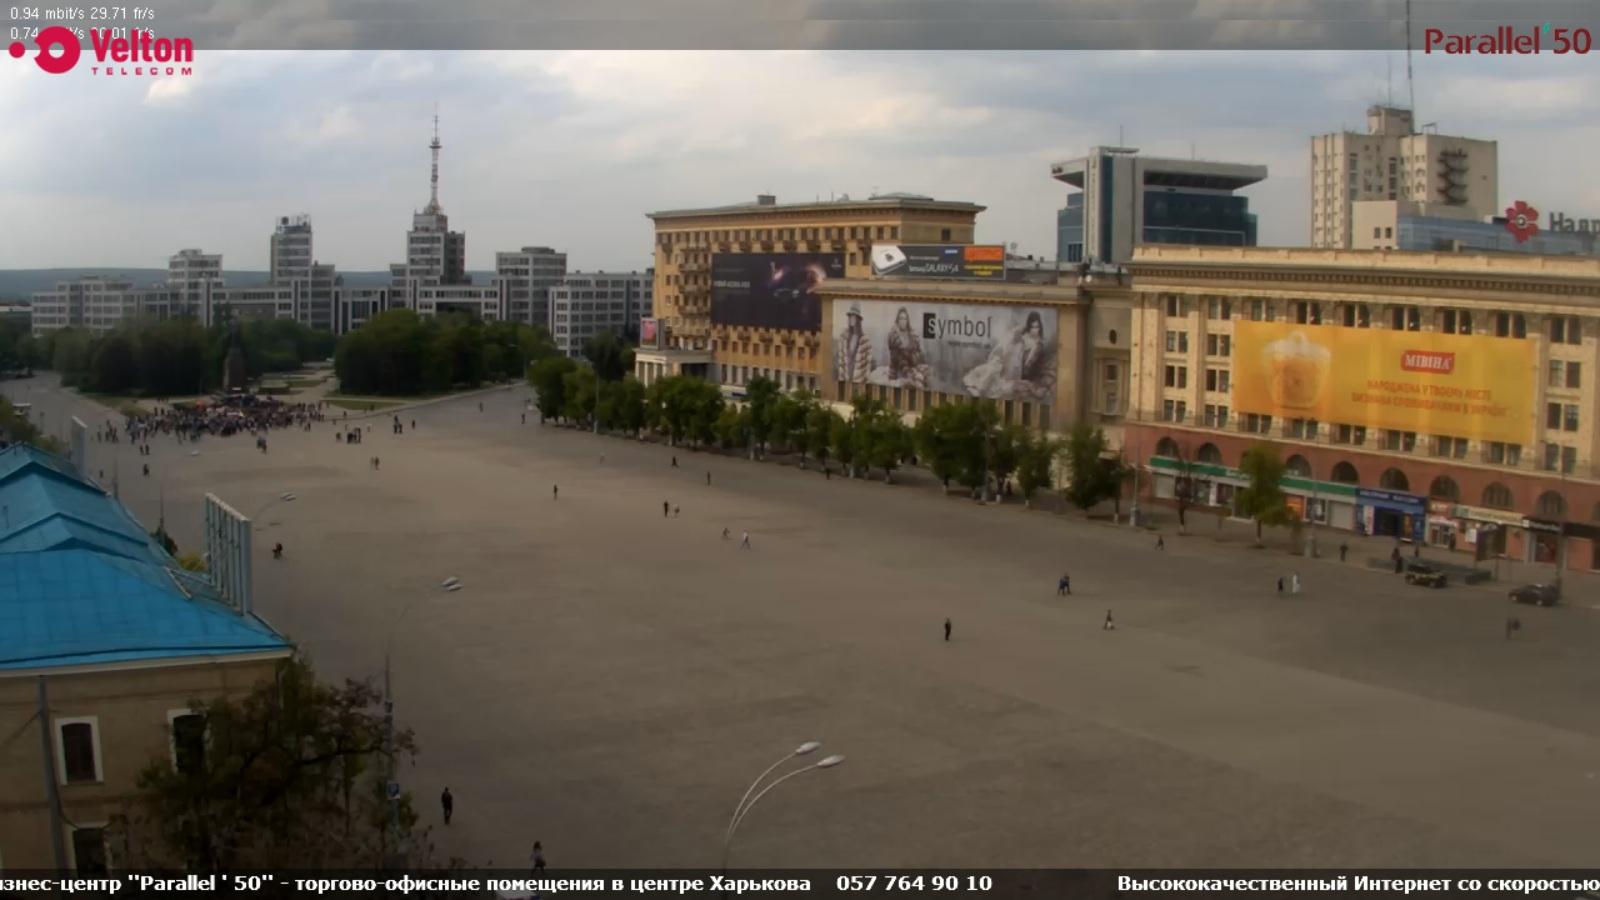 Сепаратисты вышли на запрещенный митинг в Харькове - Цензор.НЕТ 3773